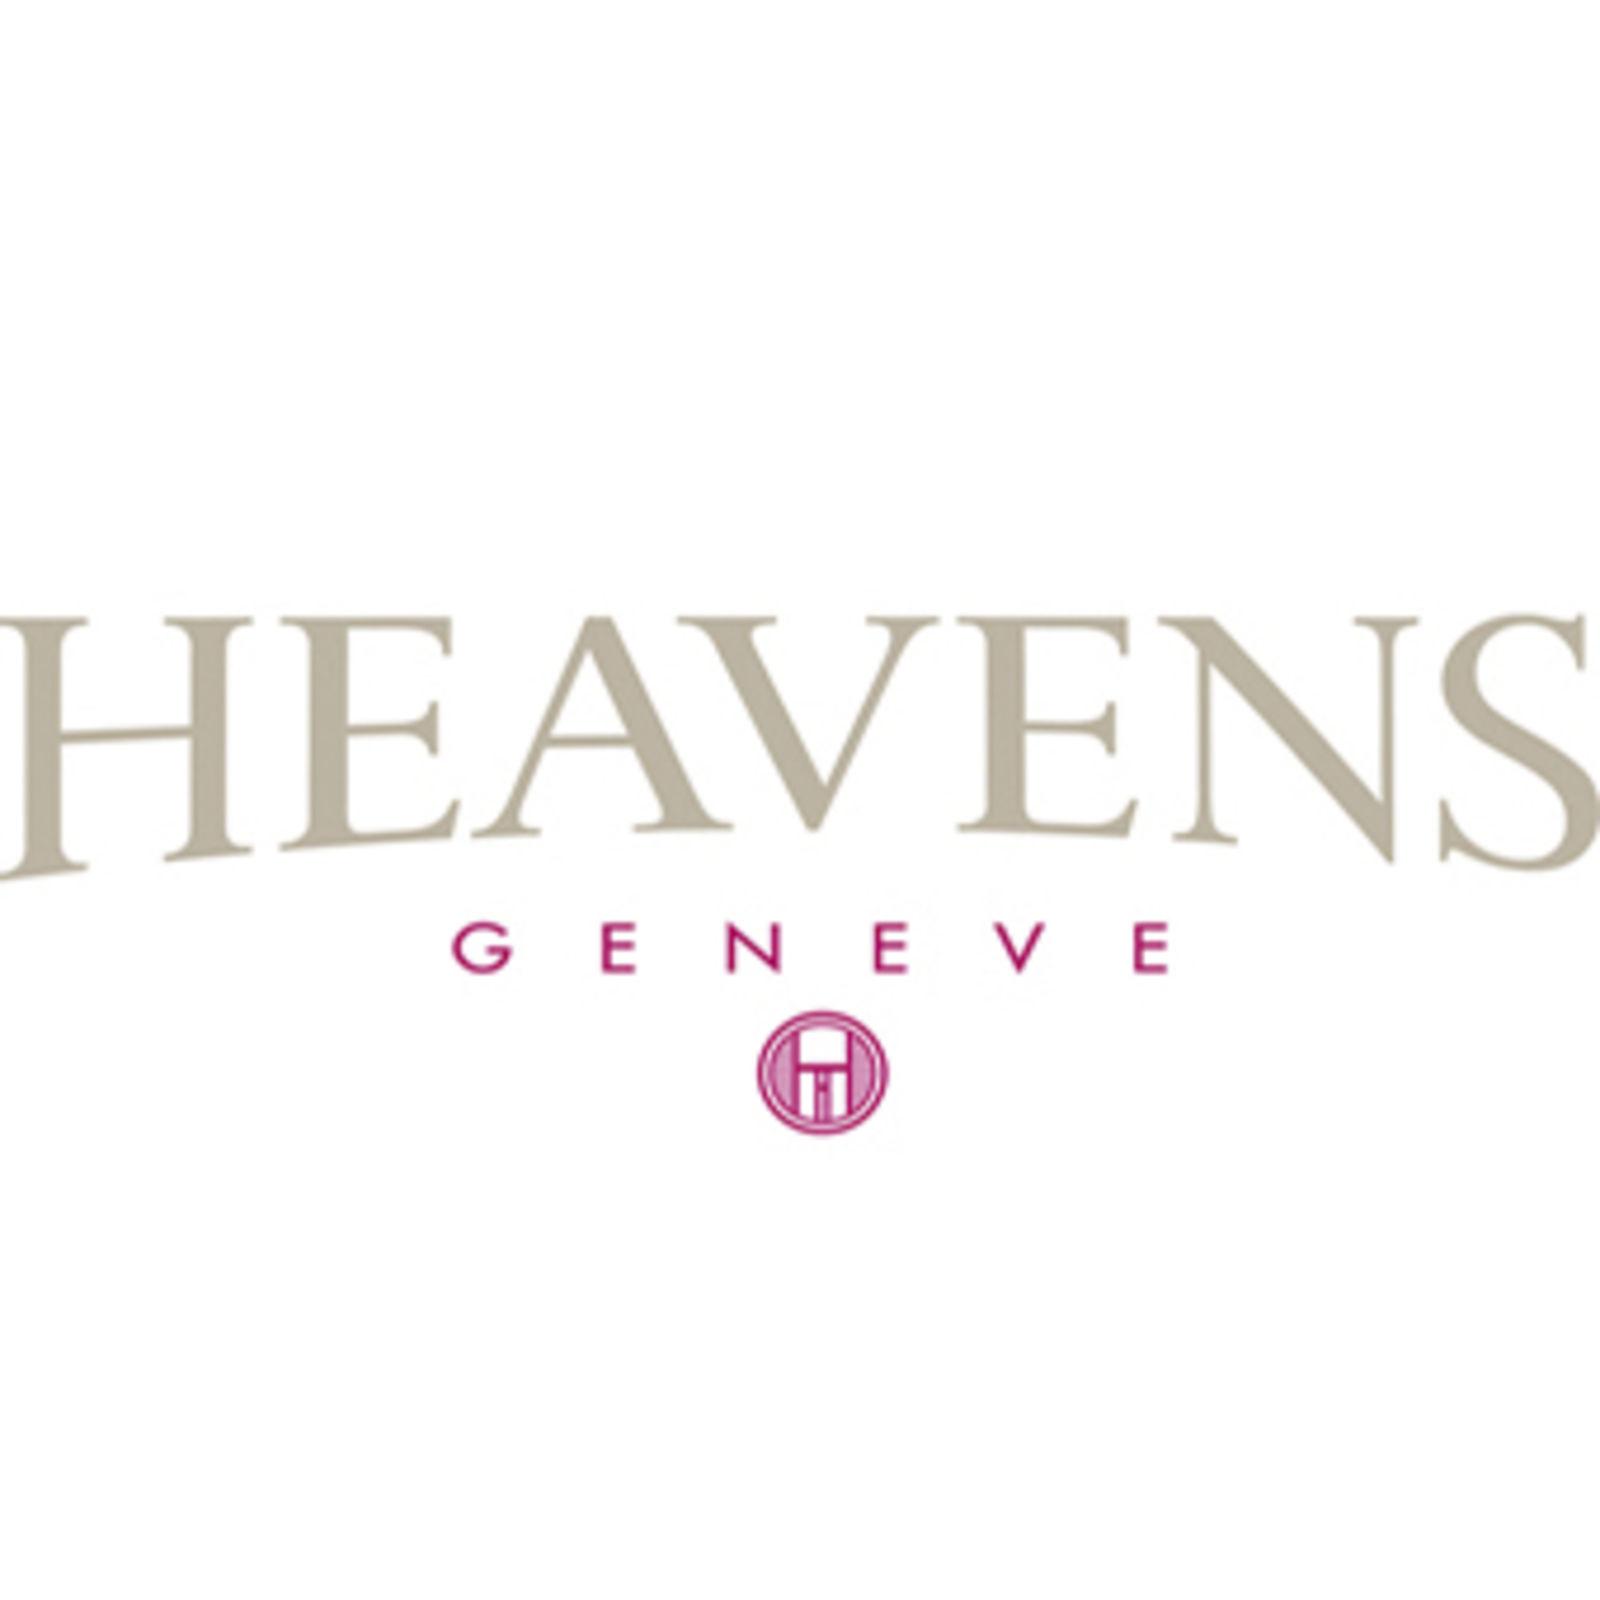 HEAVENS GENEVE